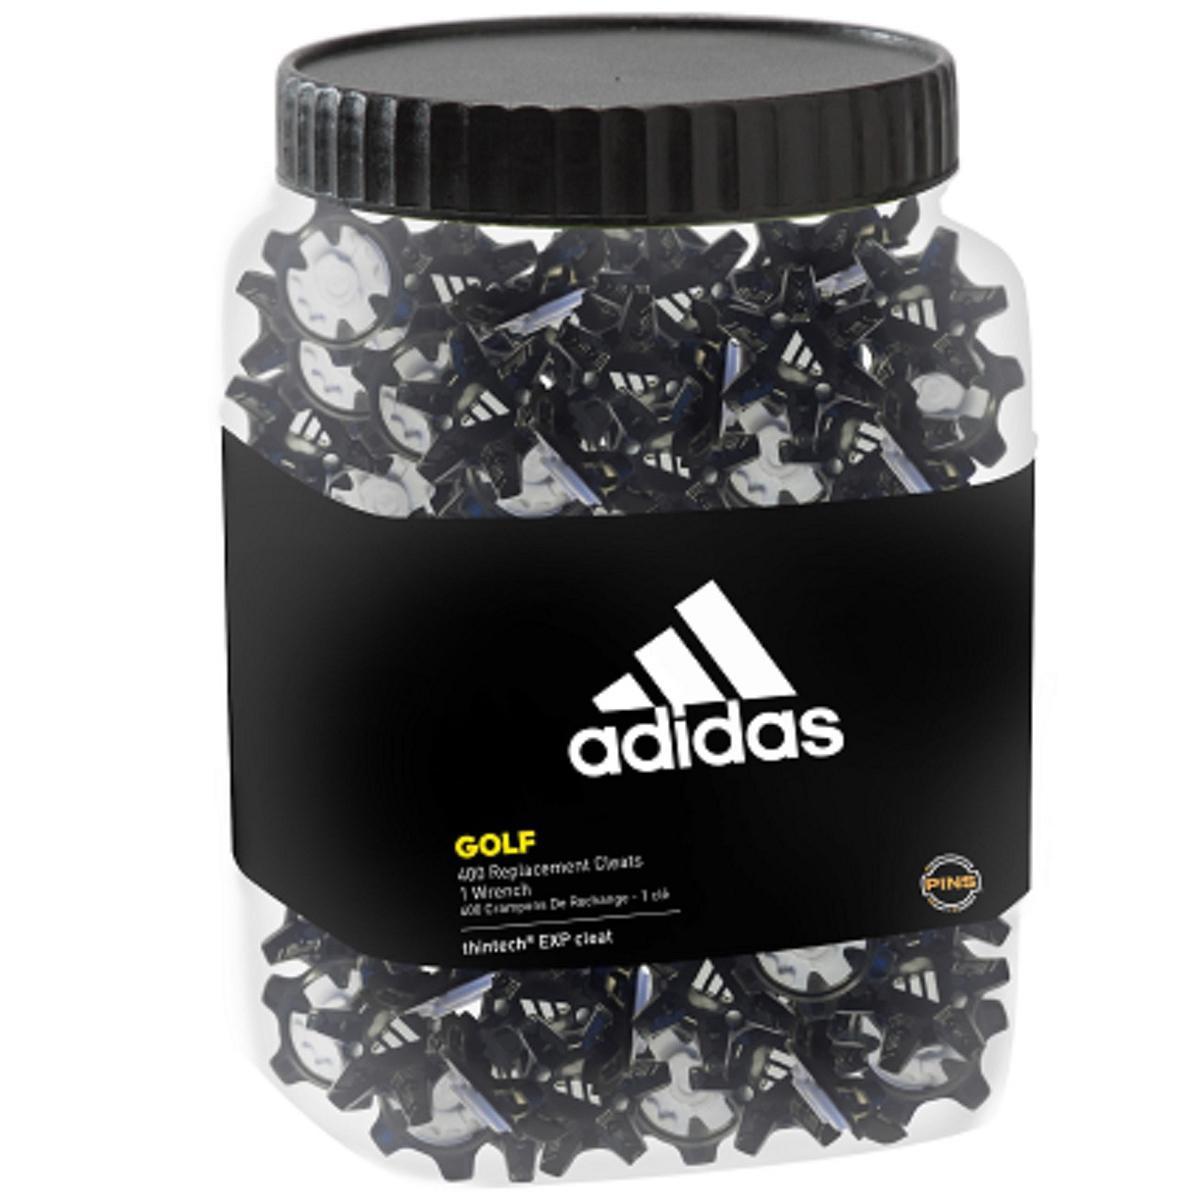 アディダス Adidas THINTECH EXP クリーツ 400個入り 【ピンズ】